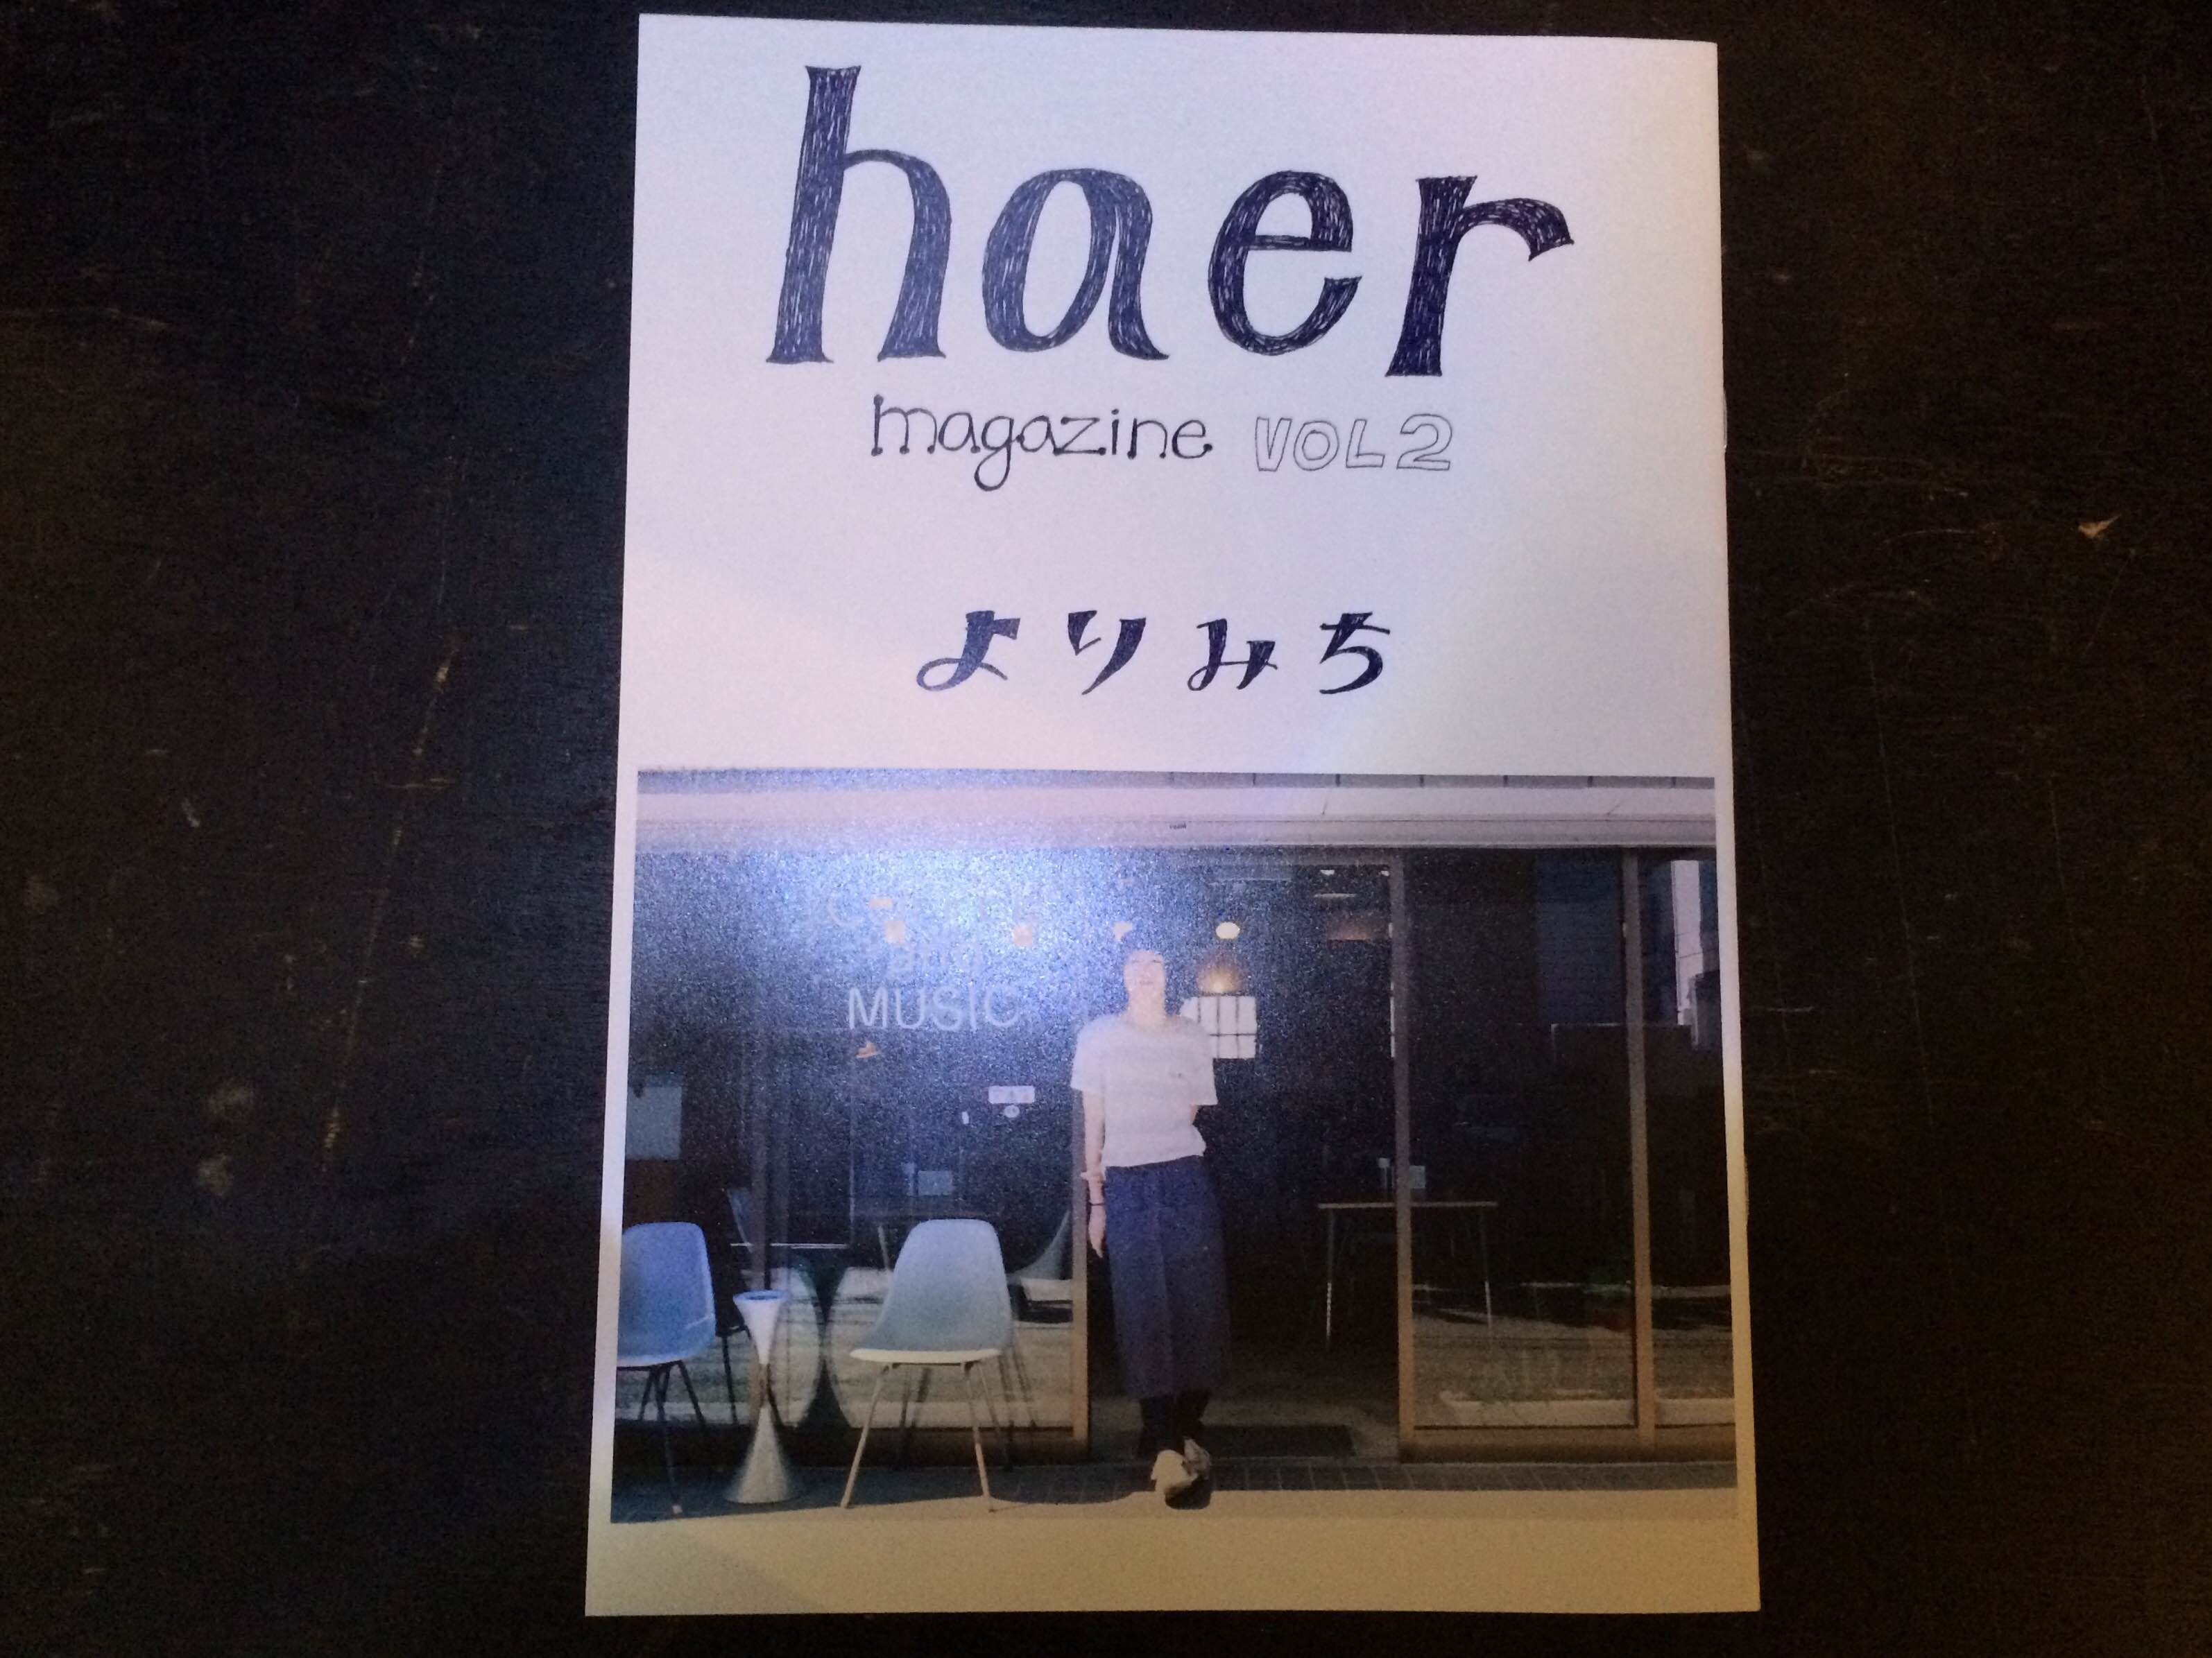 haer magazine ハエルマガジン vol.2~よりみち~